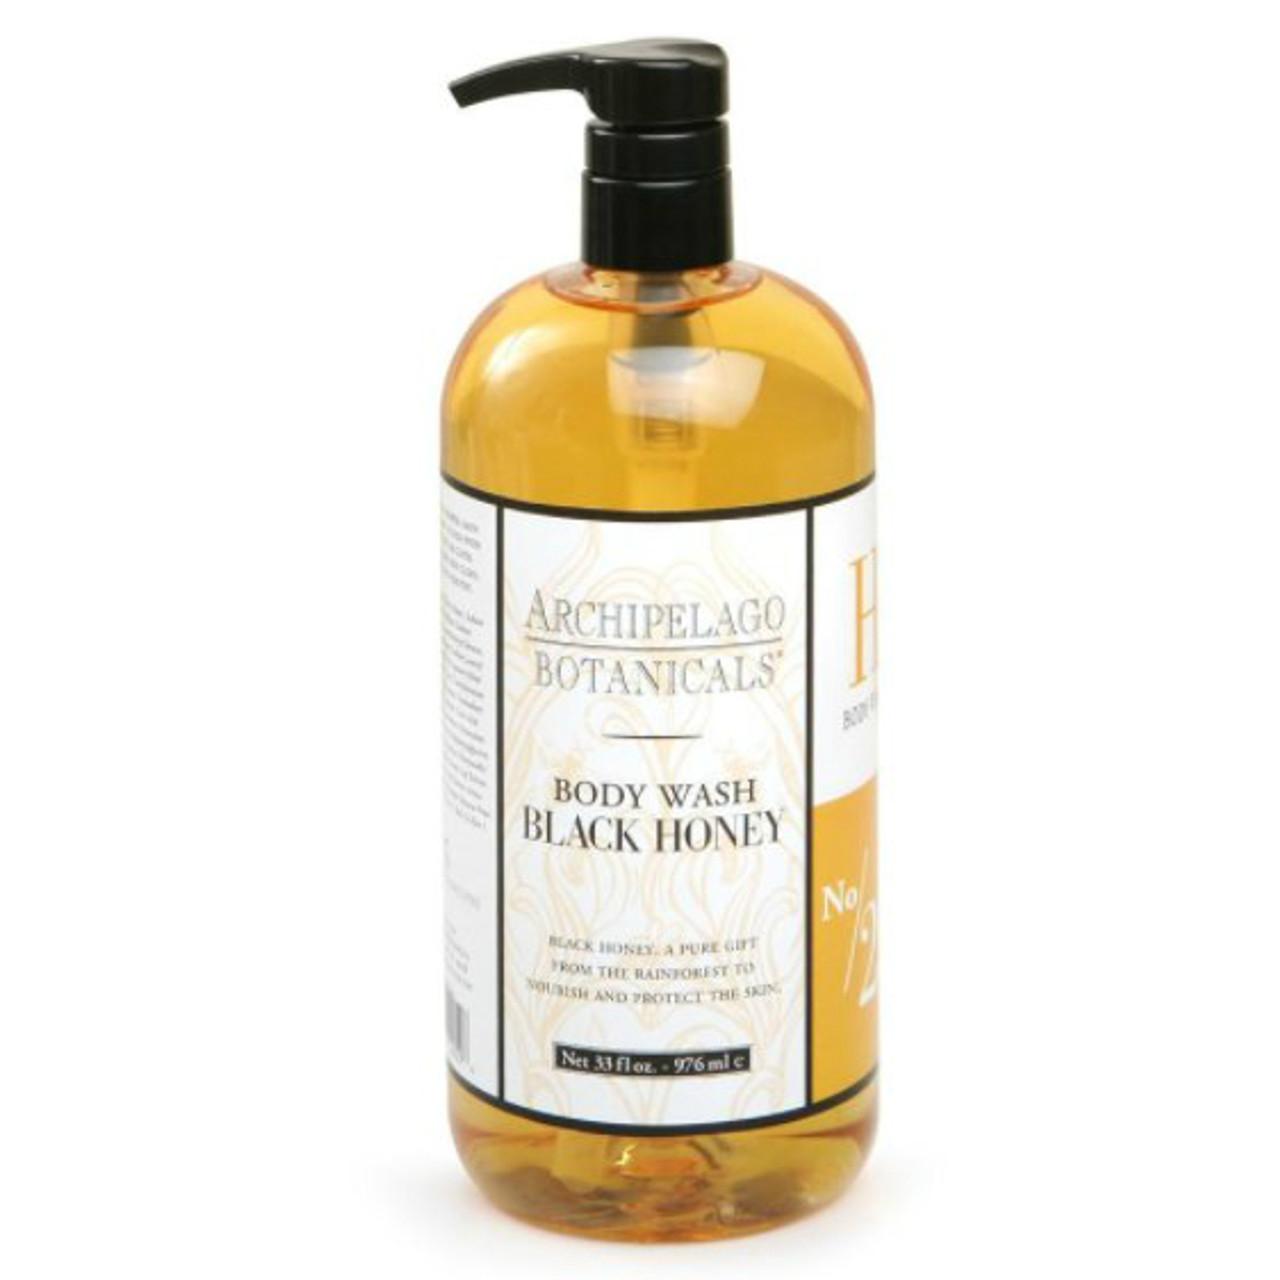 Archipelago Black Honey Body Wash 32 oz